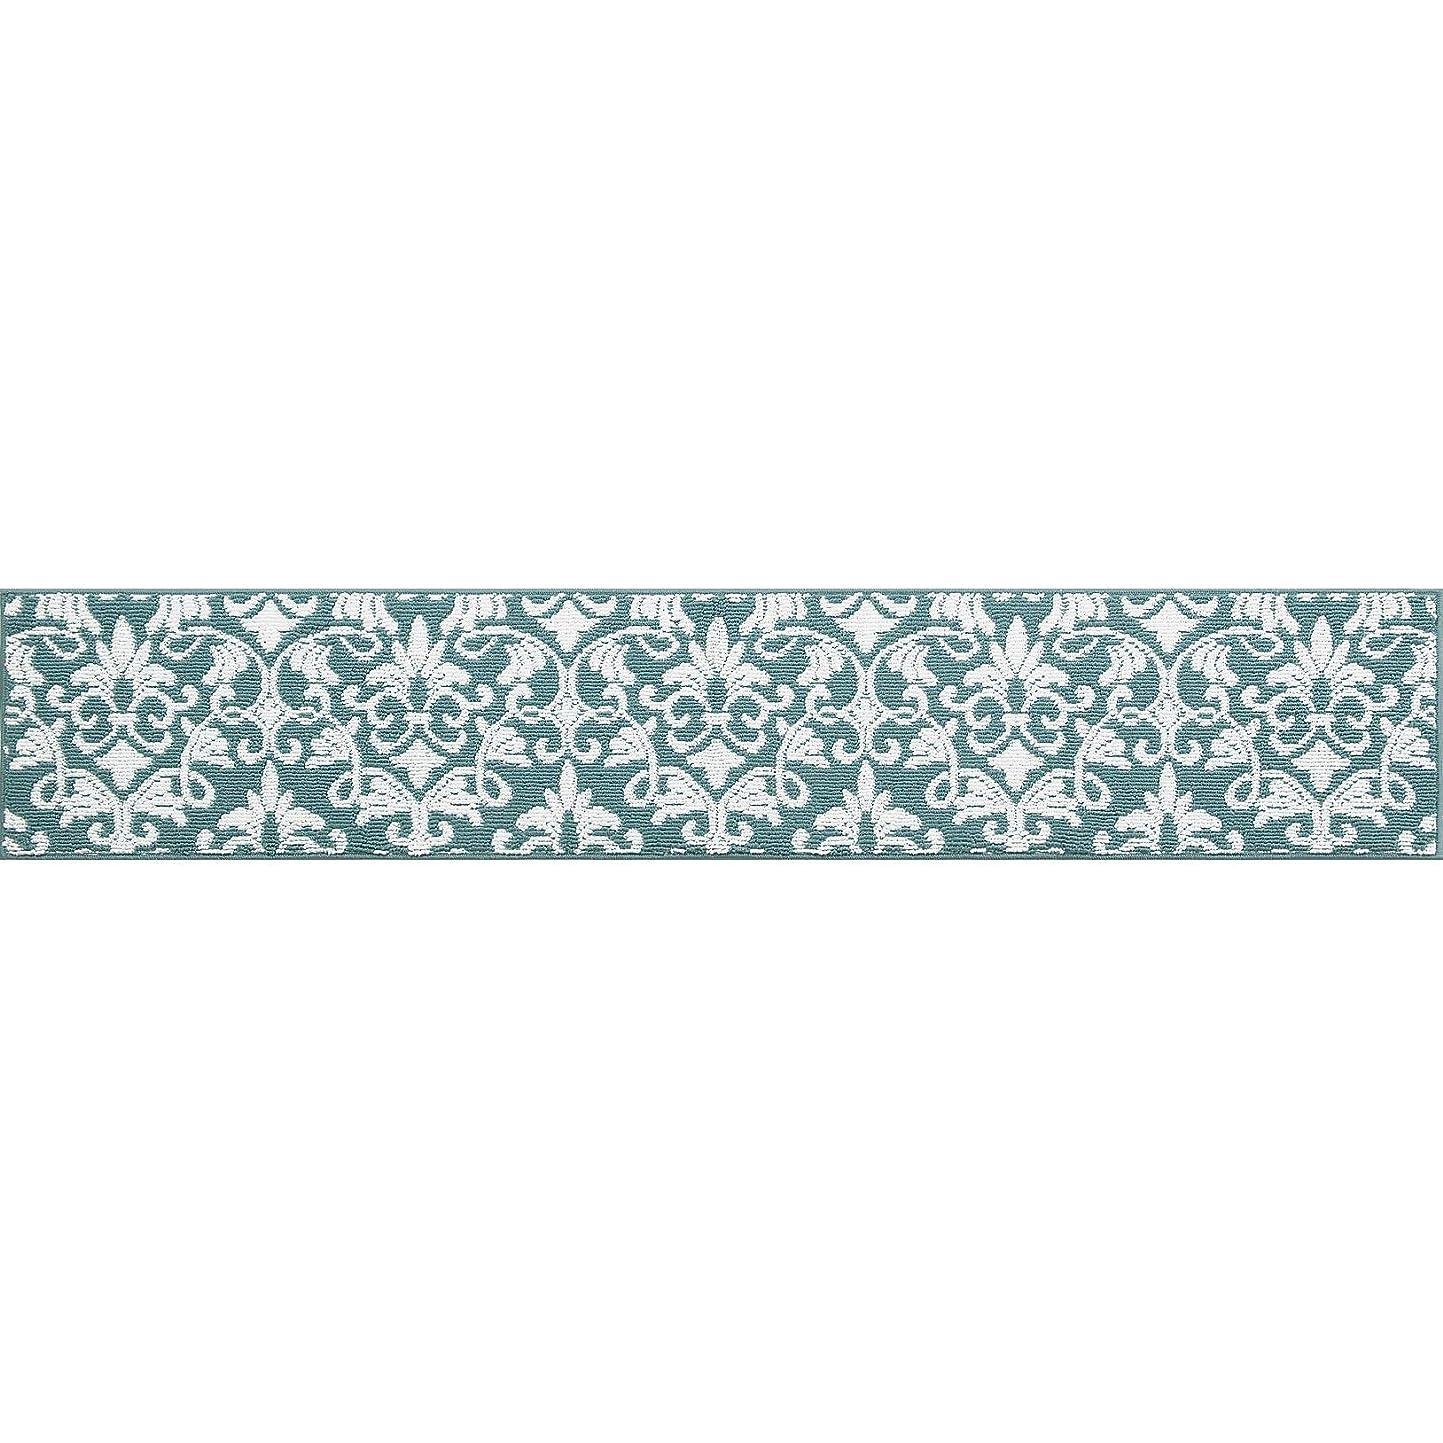 センコー アリオン キッチンマット ブルー 45×240cm 強力すべりどめ?床暖房対応 62476